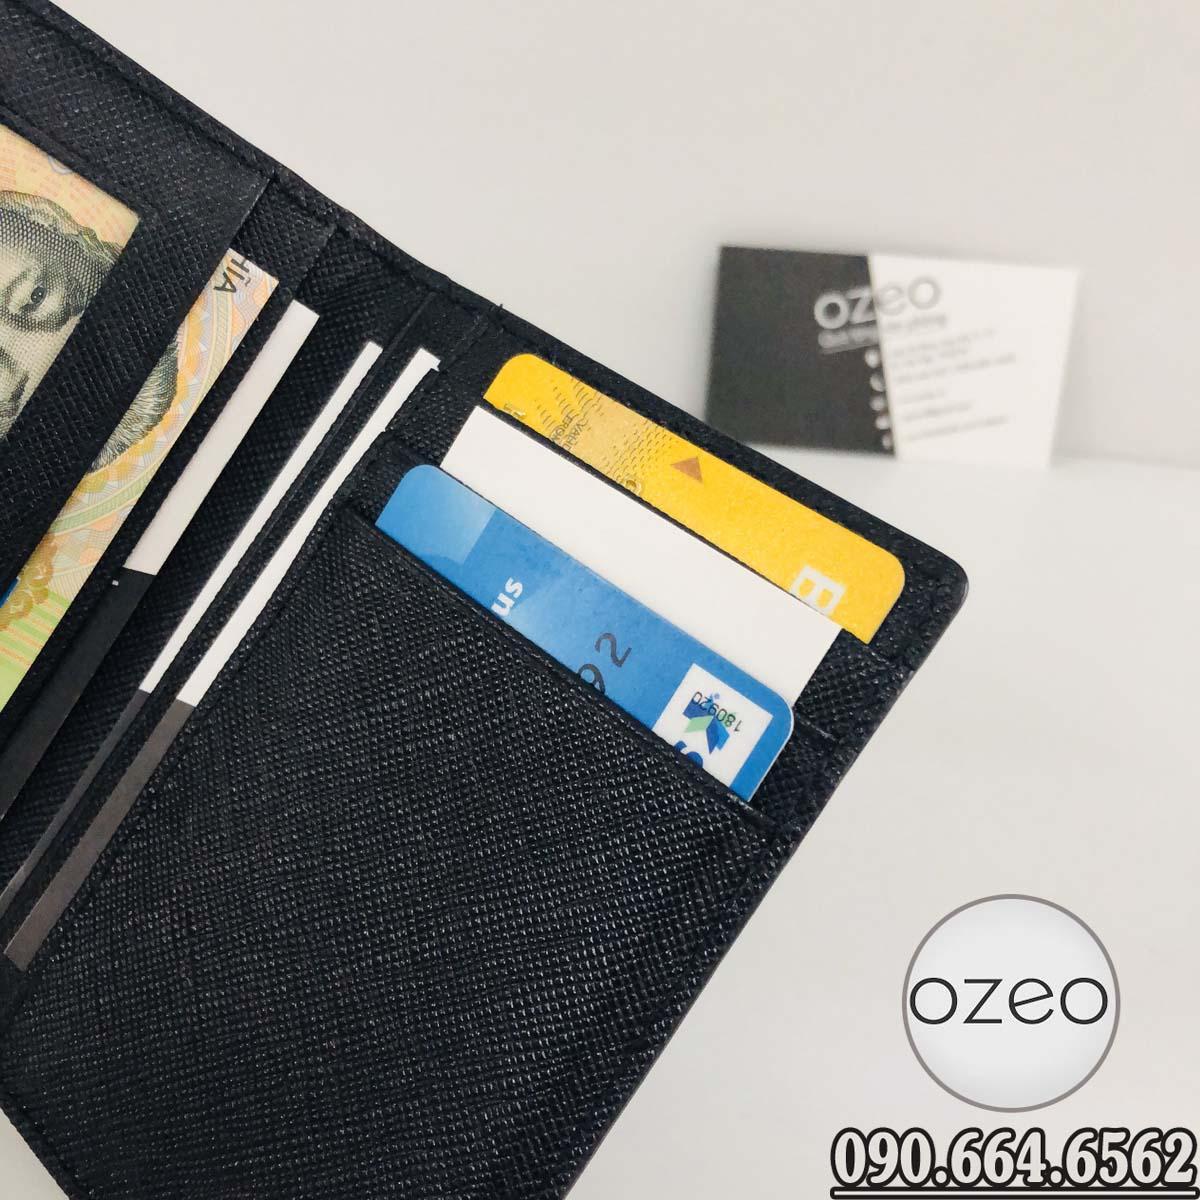 Các ngăn đựng thẻ card của ví VNC01